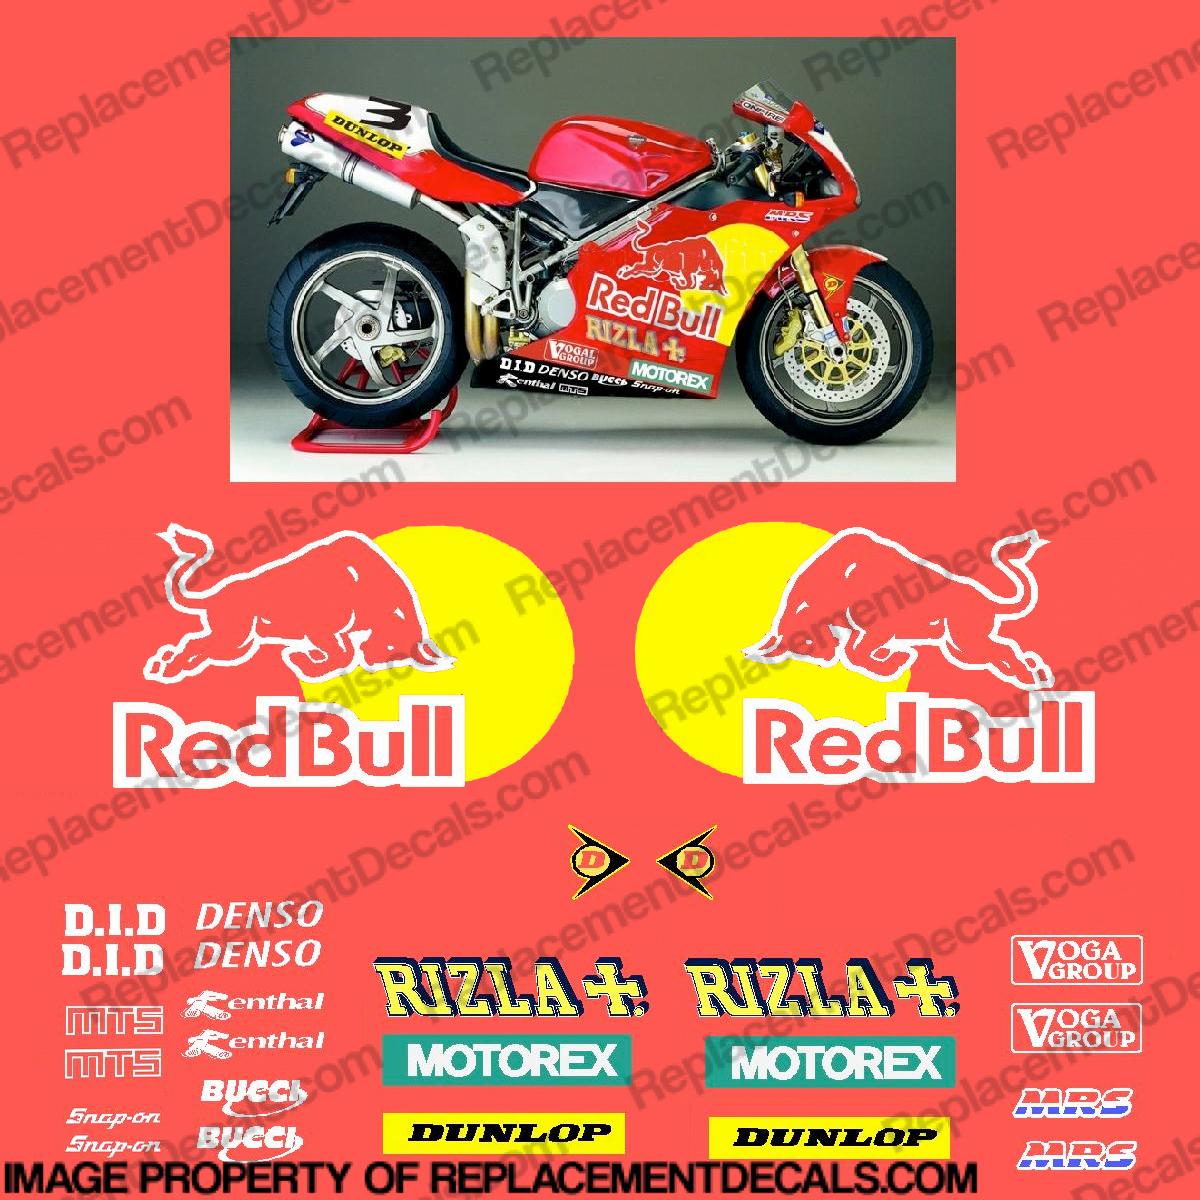 Ducati bsb redbull rizla replica decals r d rb rz